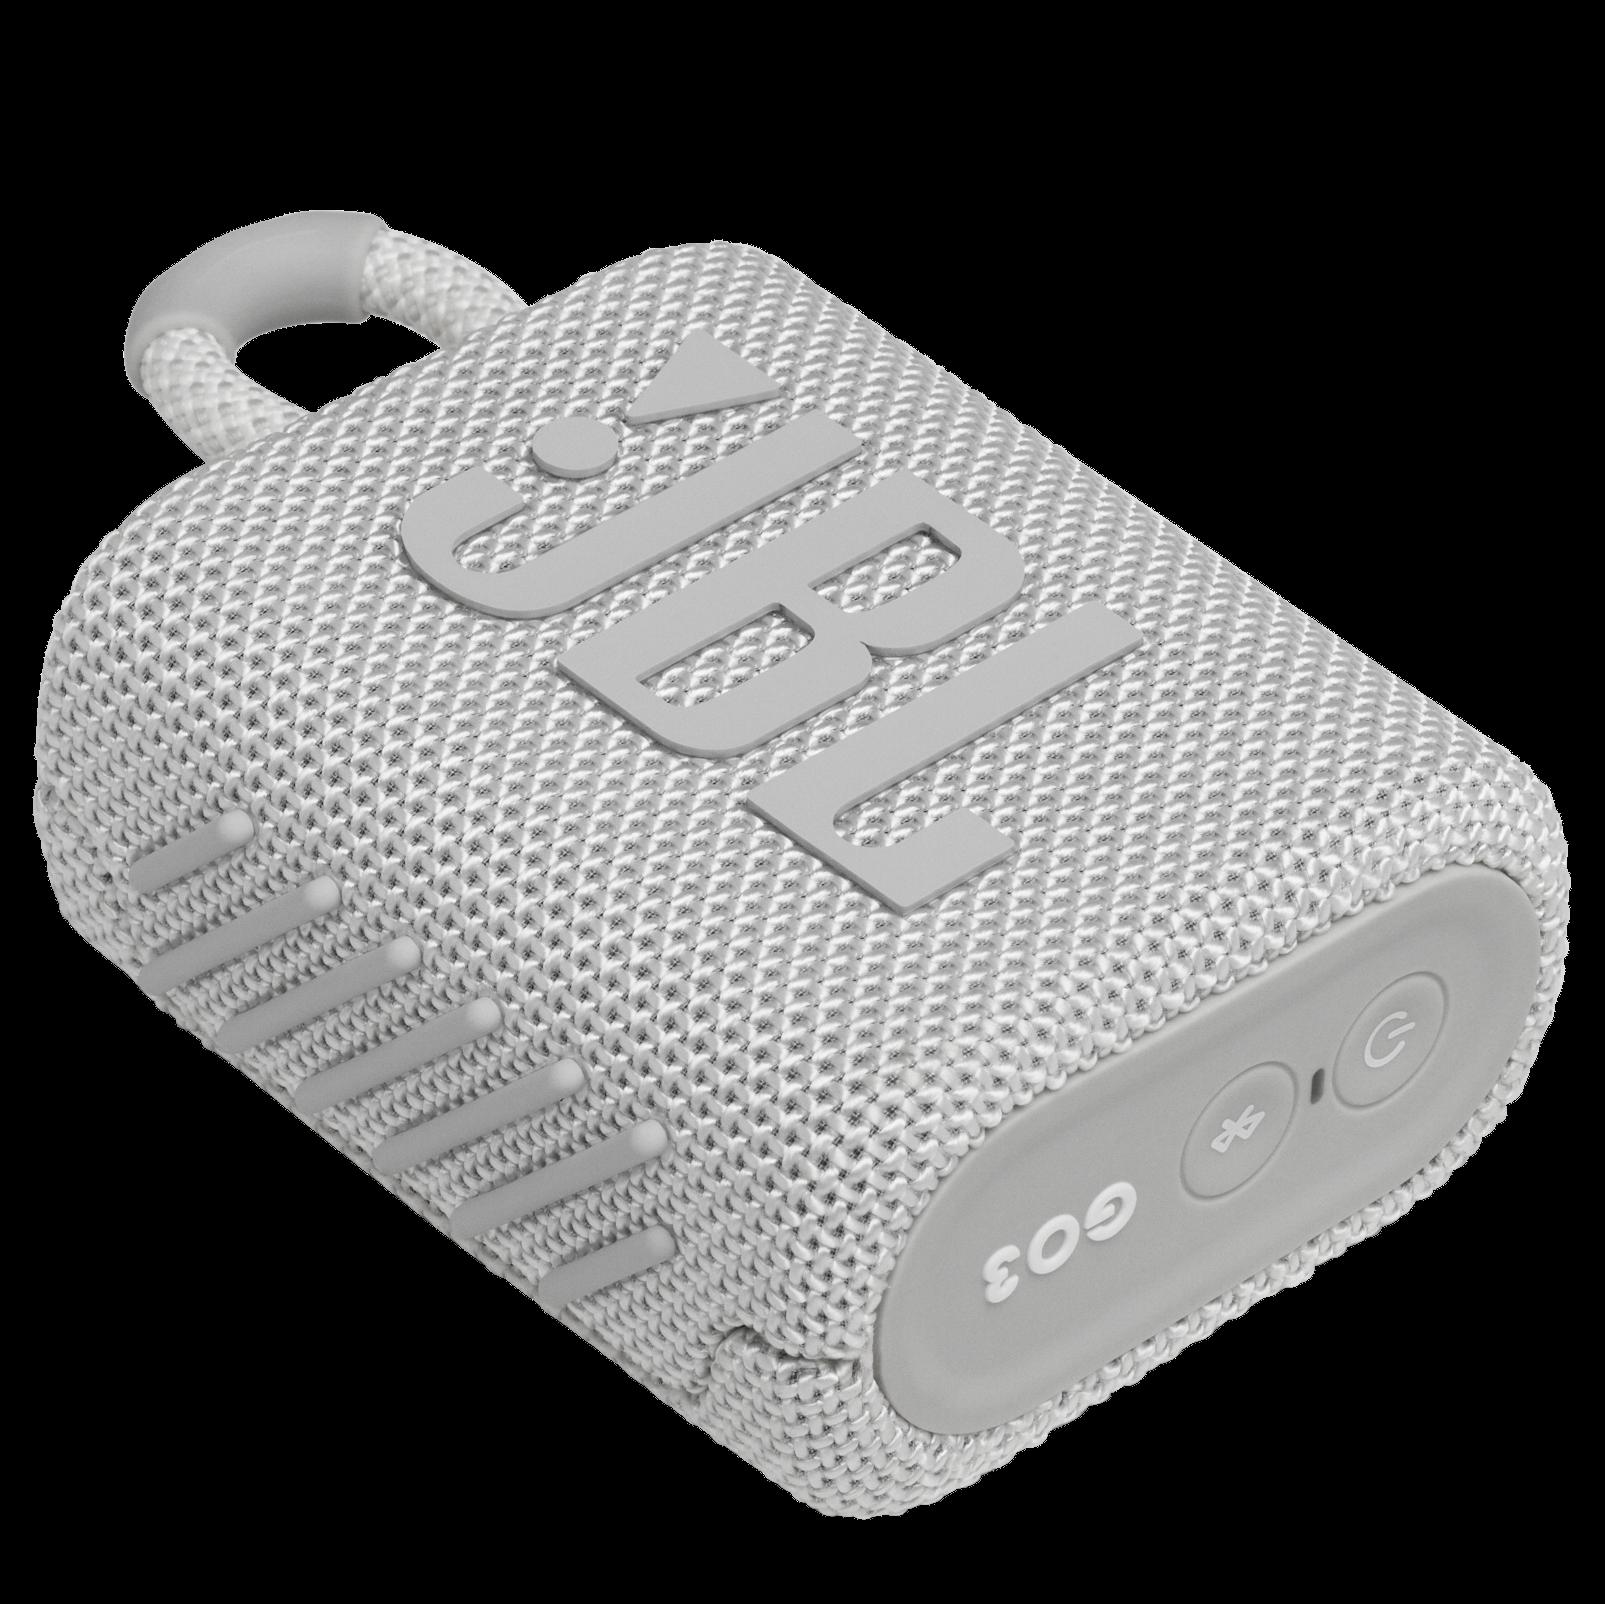 JBL Go 3 - White - Portable Waterproof Speaker - Detailshot 3